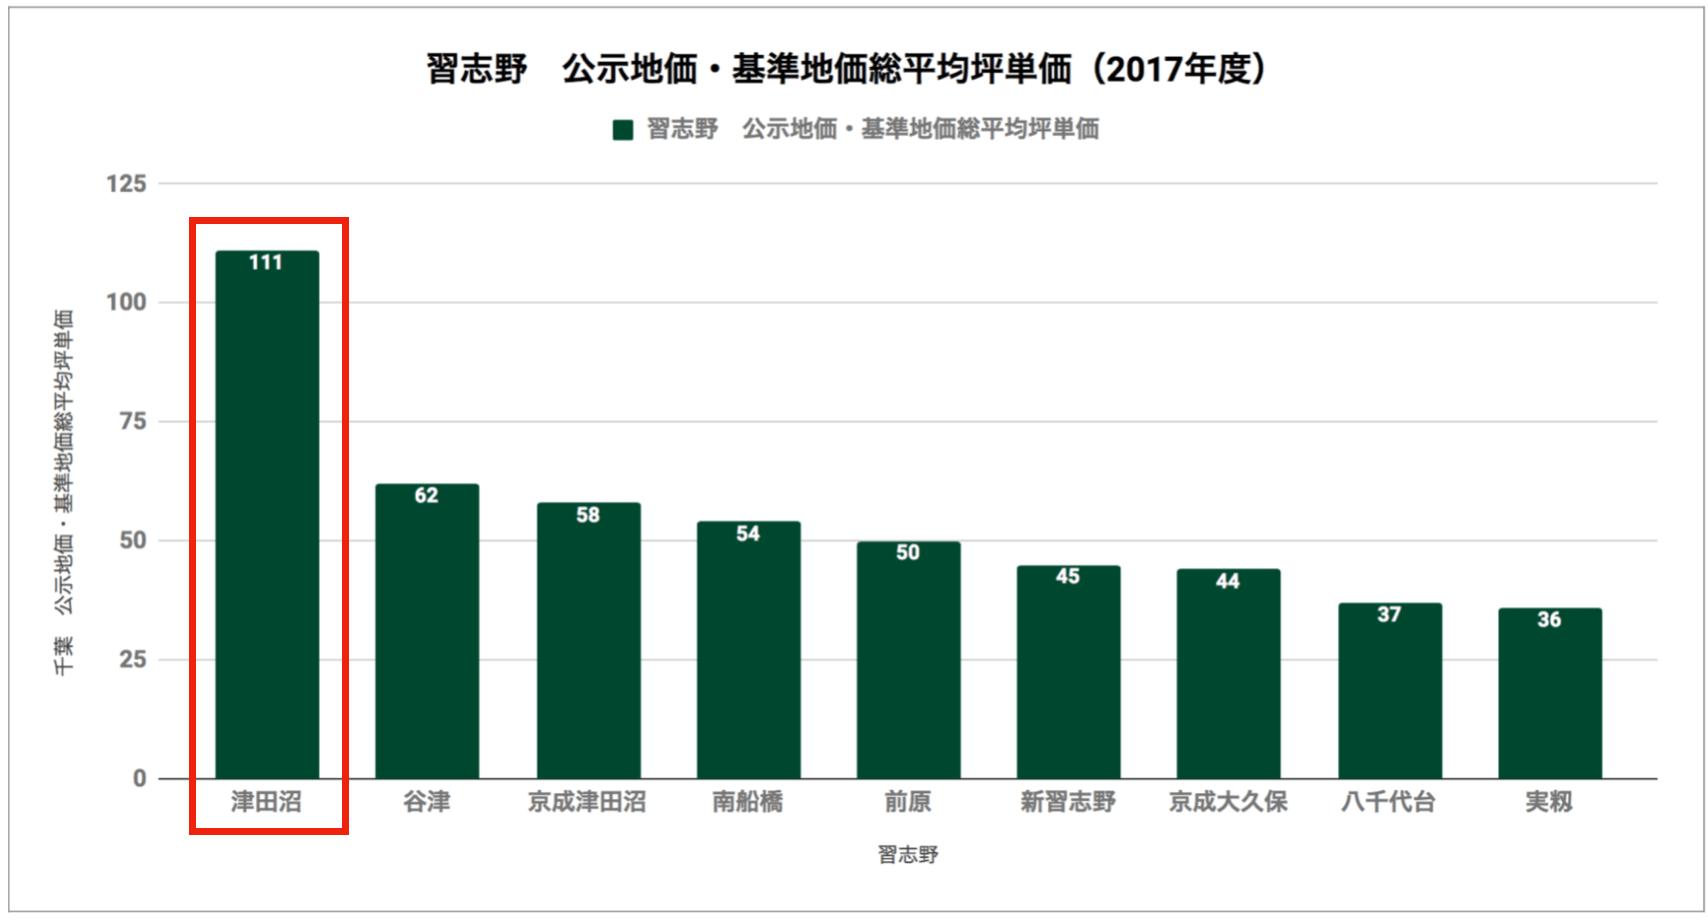 習志野市「公示地価・基準地価総平均坪単価(2017年度)」